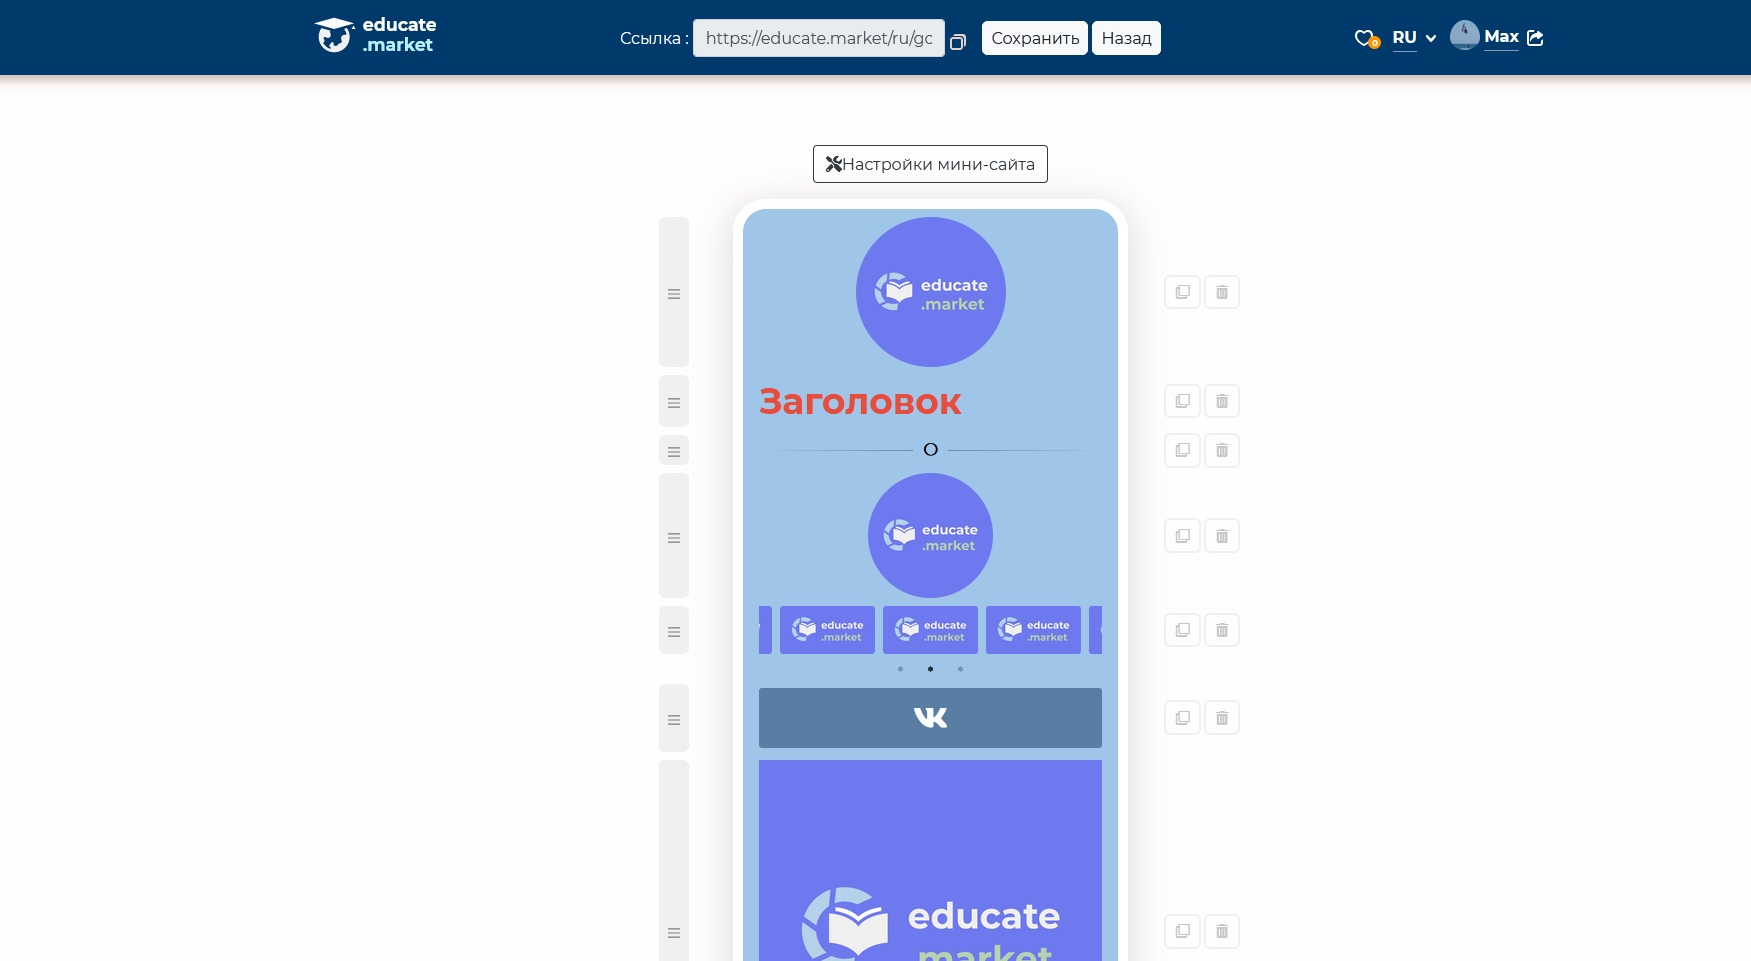 Маркетплейс образовательных курсов (Laravel)